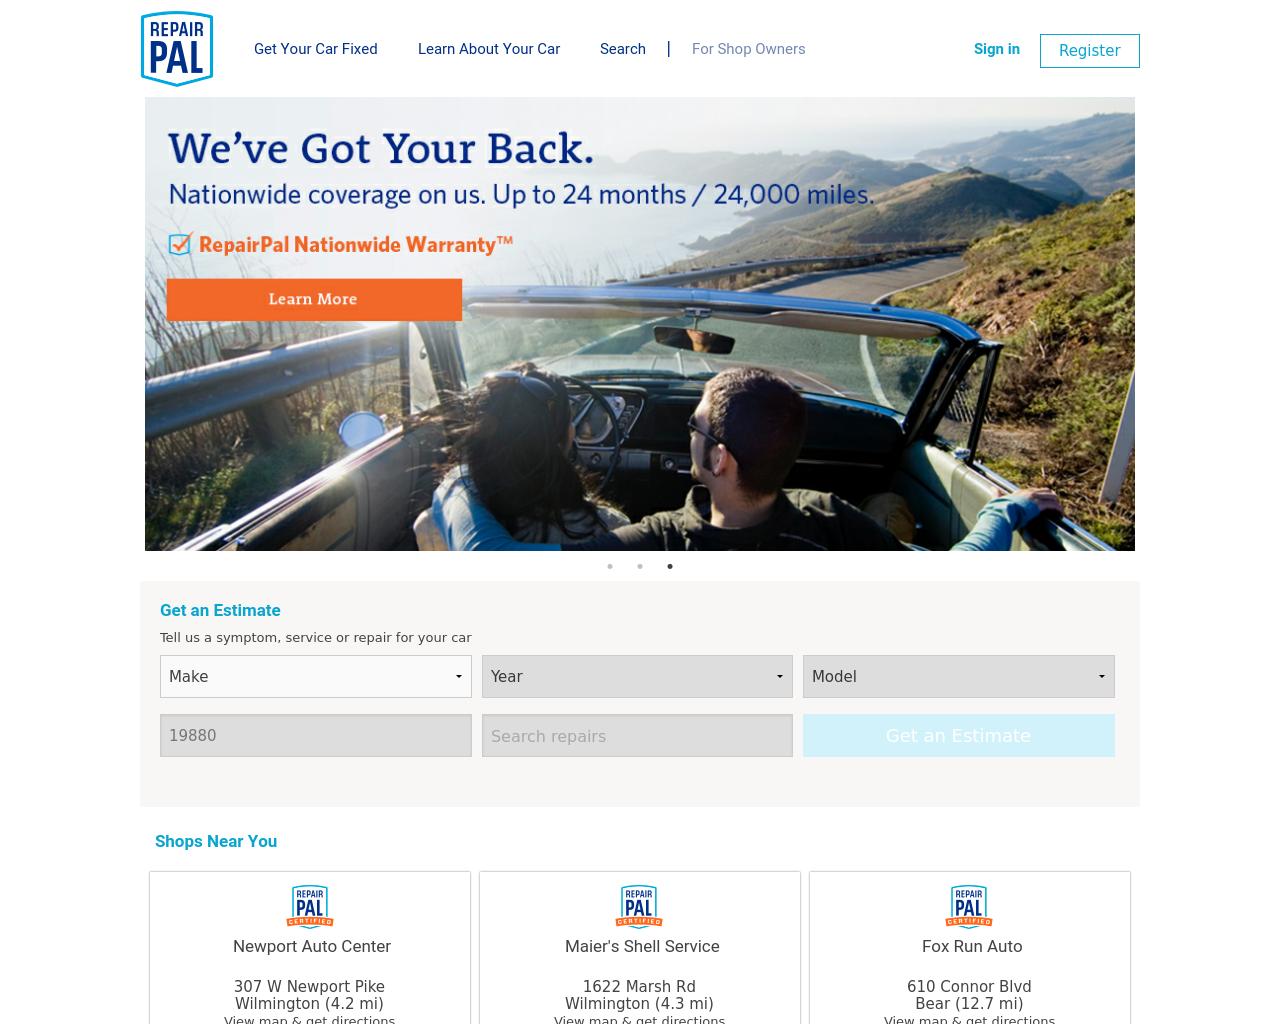 Repair-PAL-Advertising-Reviews-Pricing